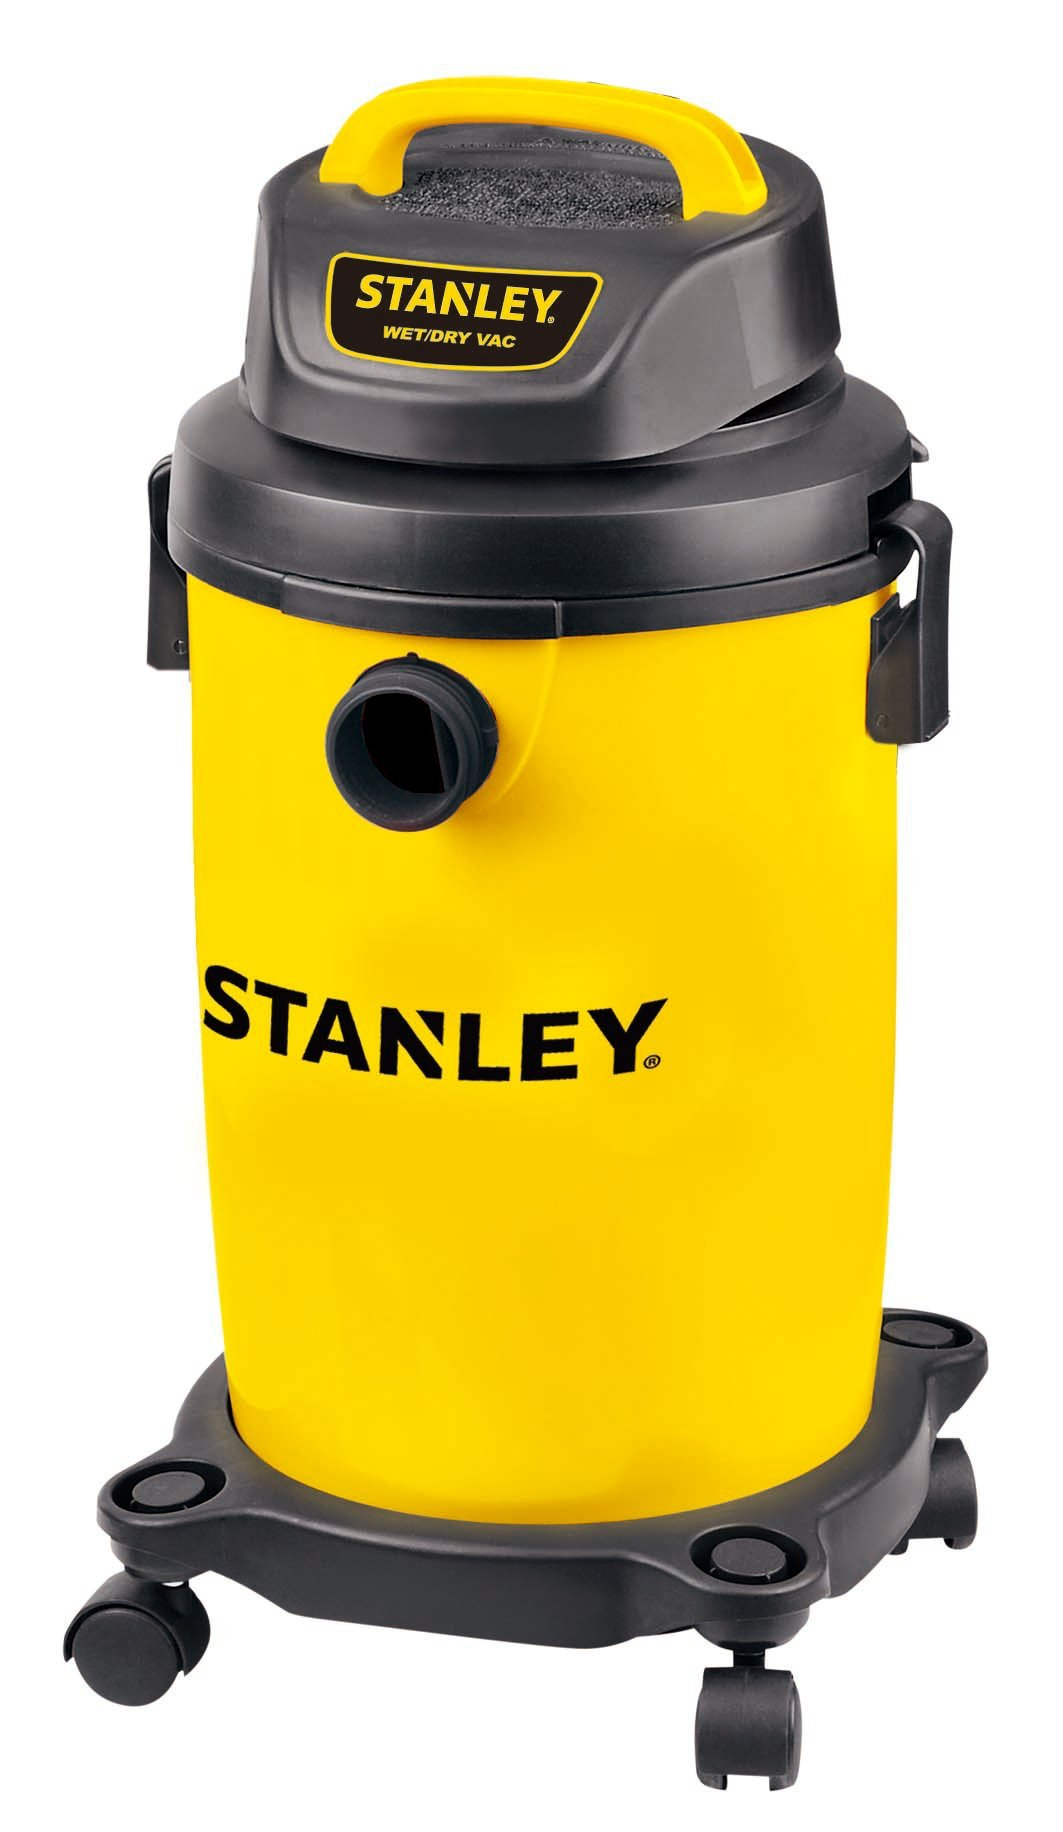 Stanley Wet/Dry Vacuum, 4.5 Gallon, 4 Horsepower